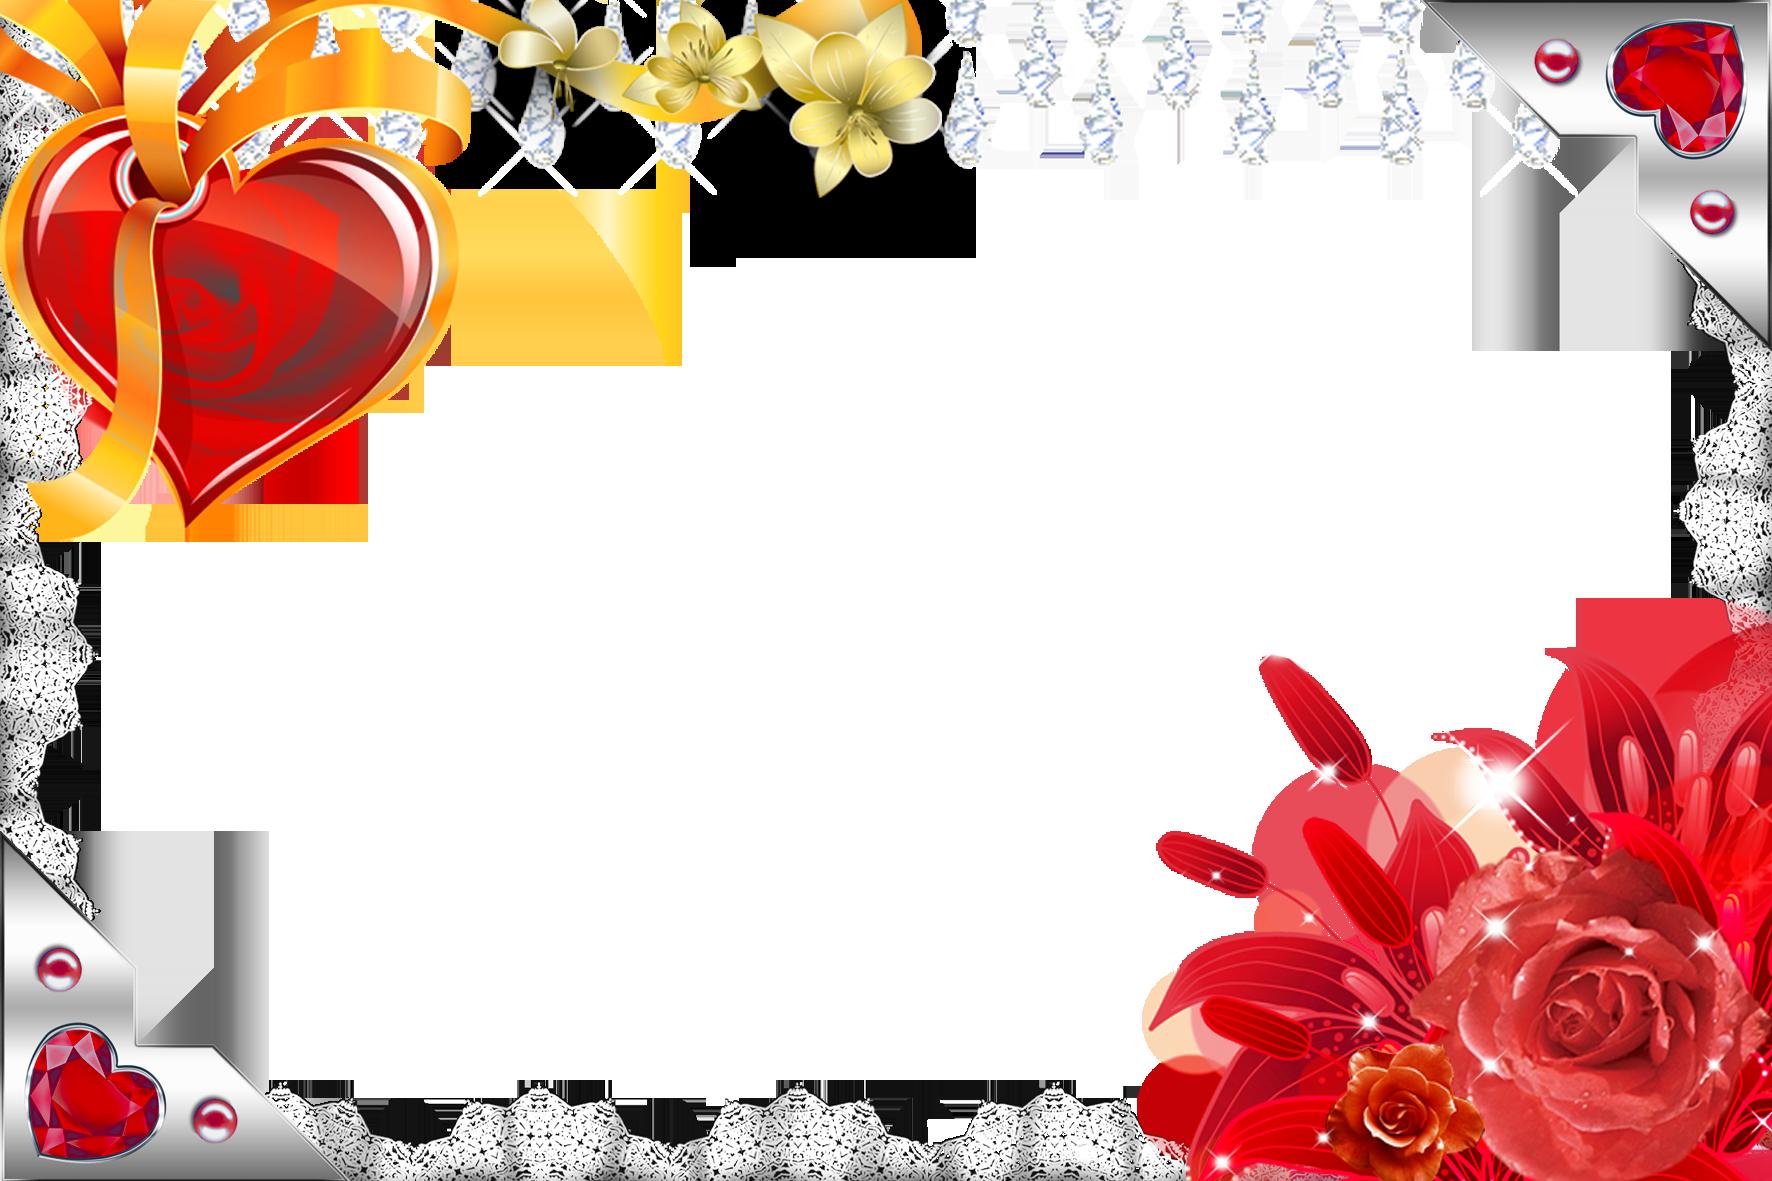 Сайты знакомств для серьезных отношений бесплатные тольятти